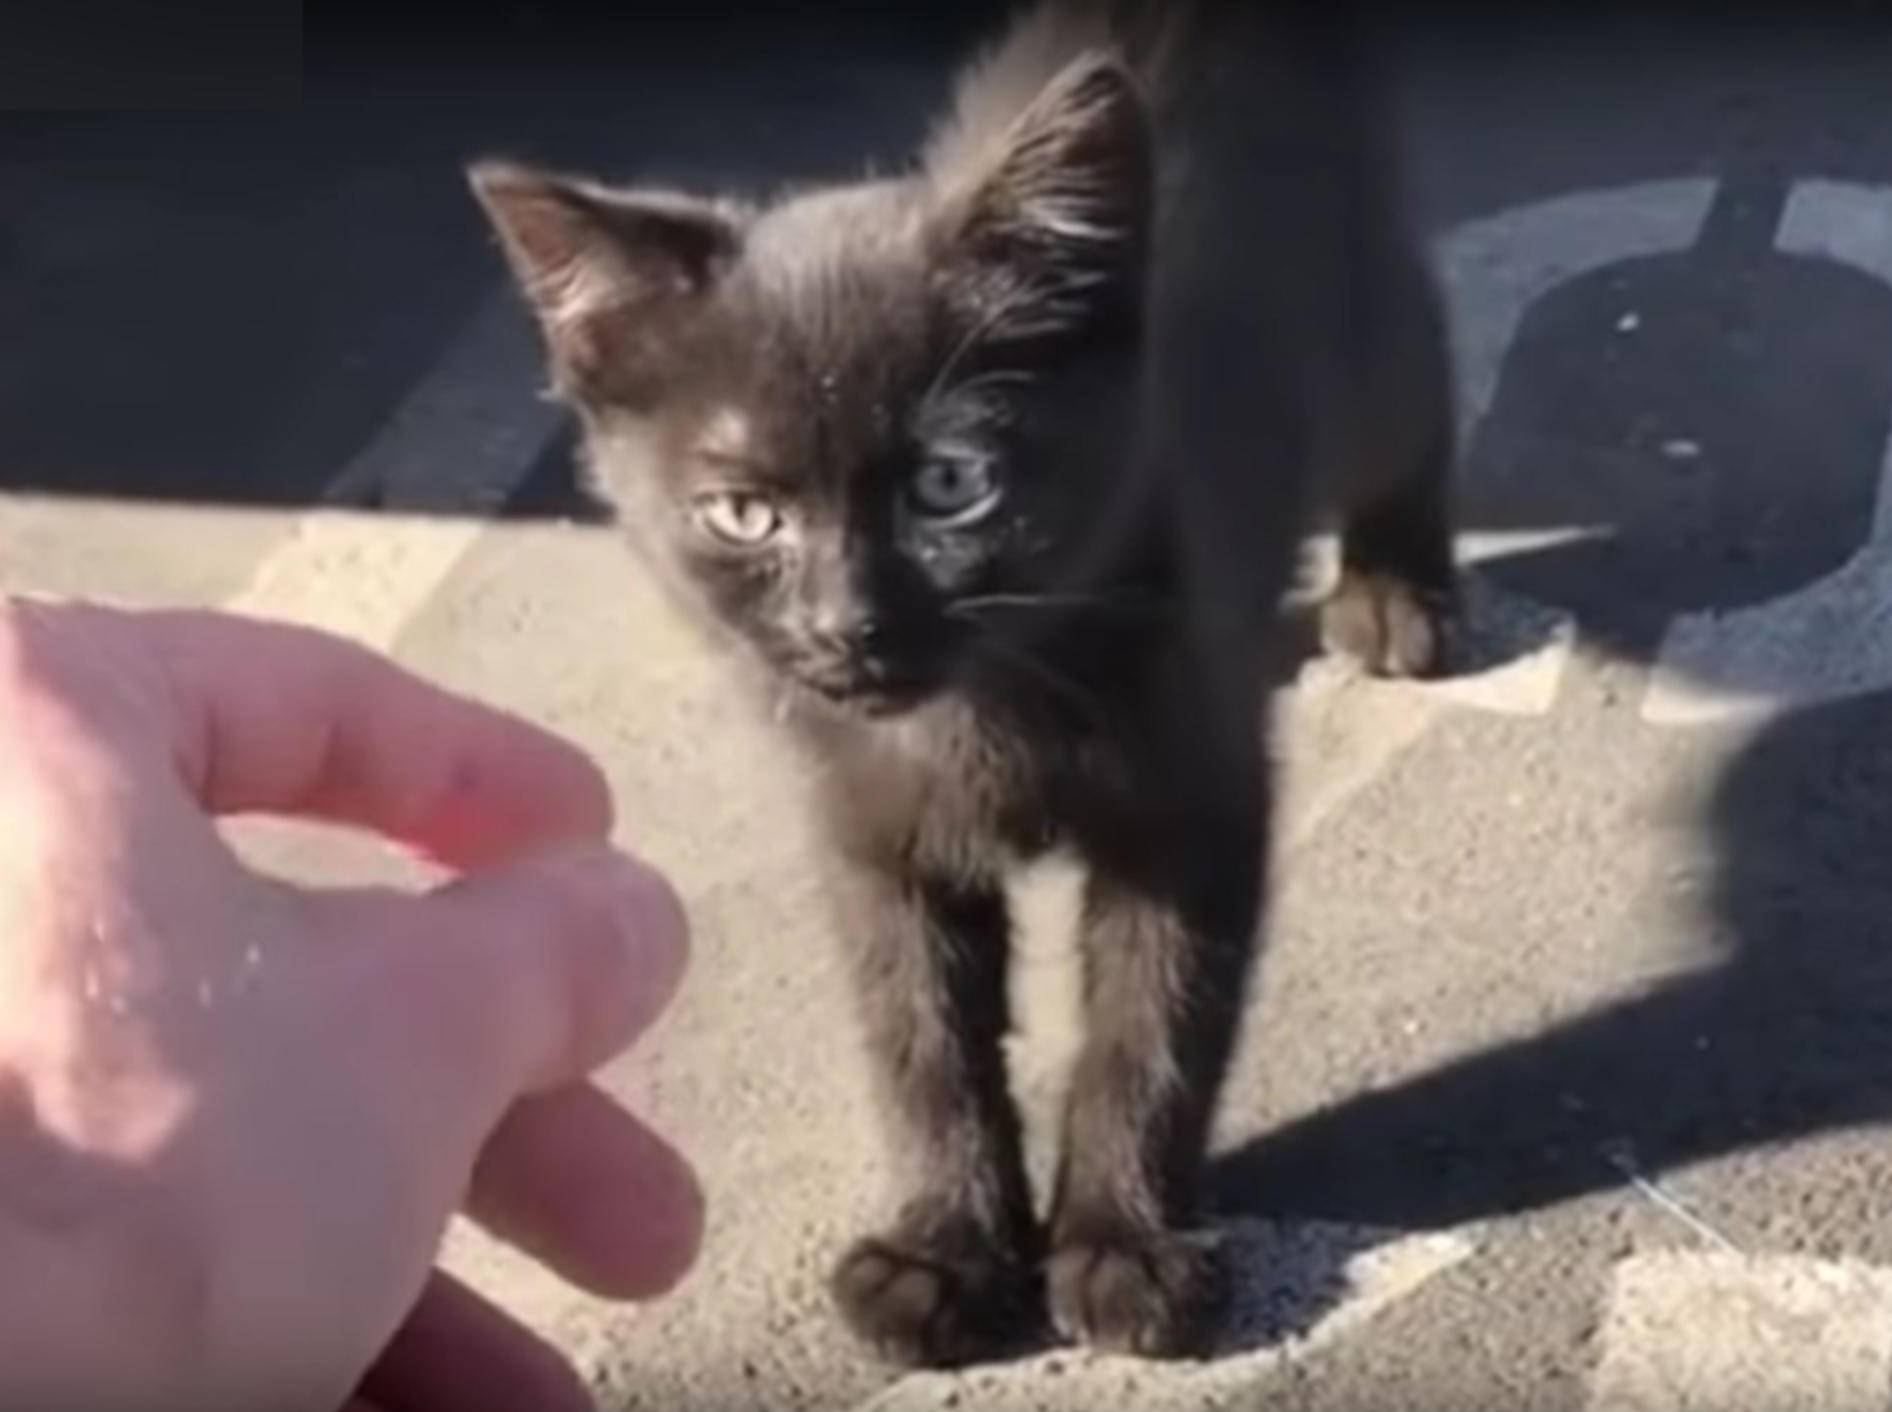 Mann freundet sich mit Streunerkätzchen an – YouTube / Love Meow